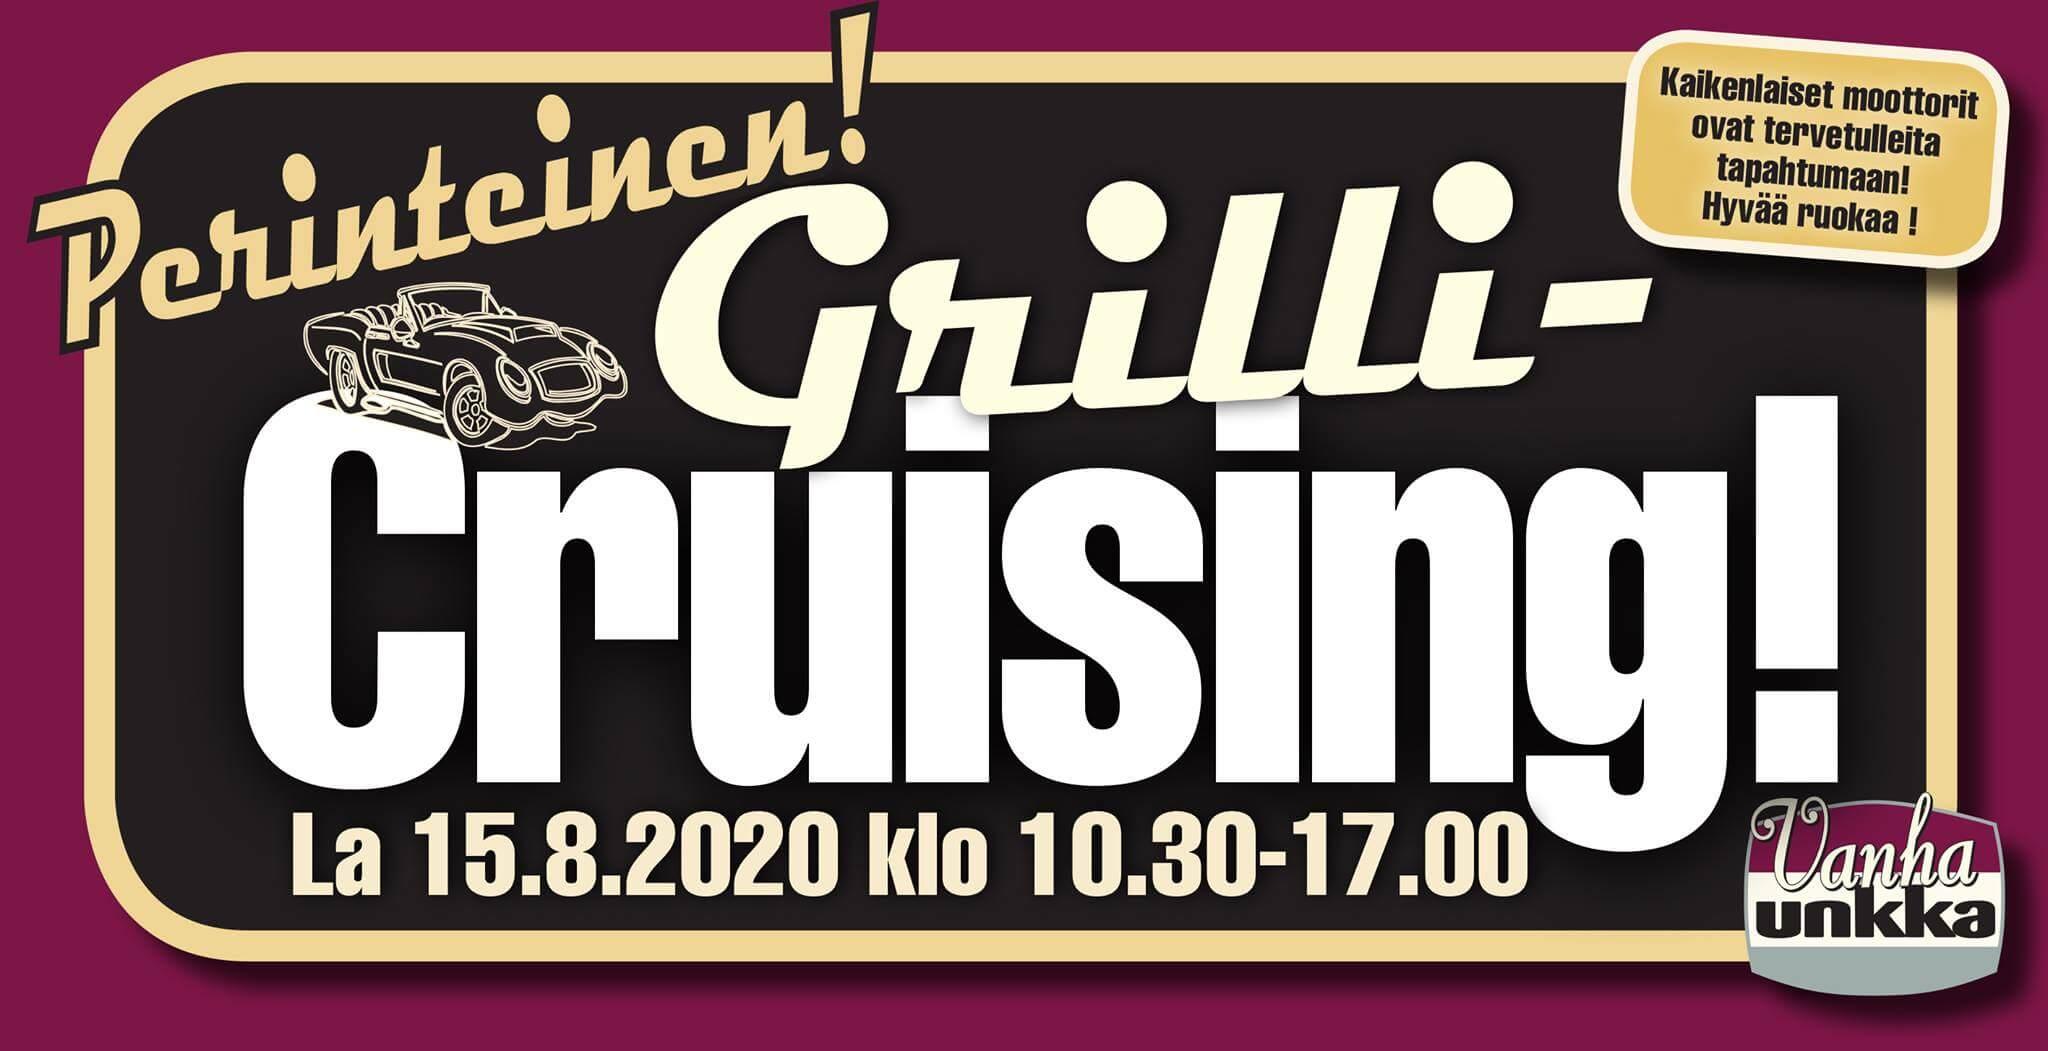 Grilli Cruising Vanhalla Unkalla mainos